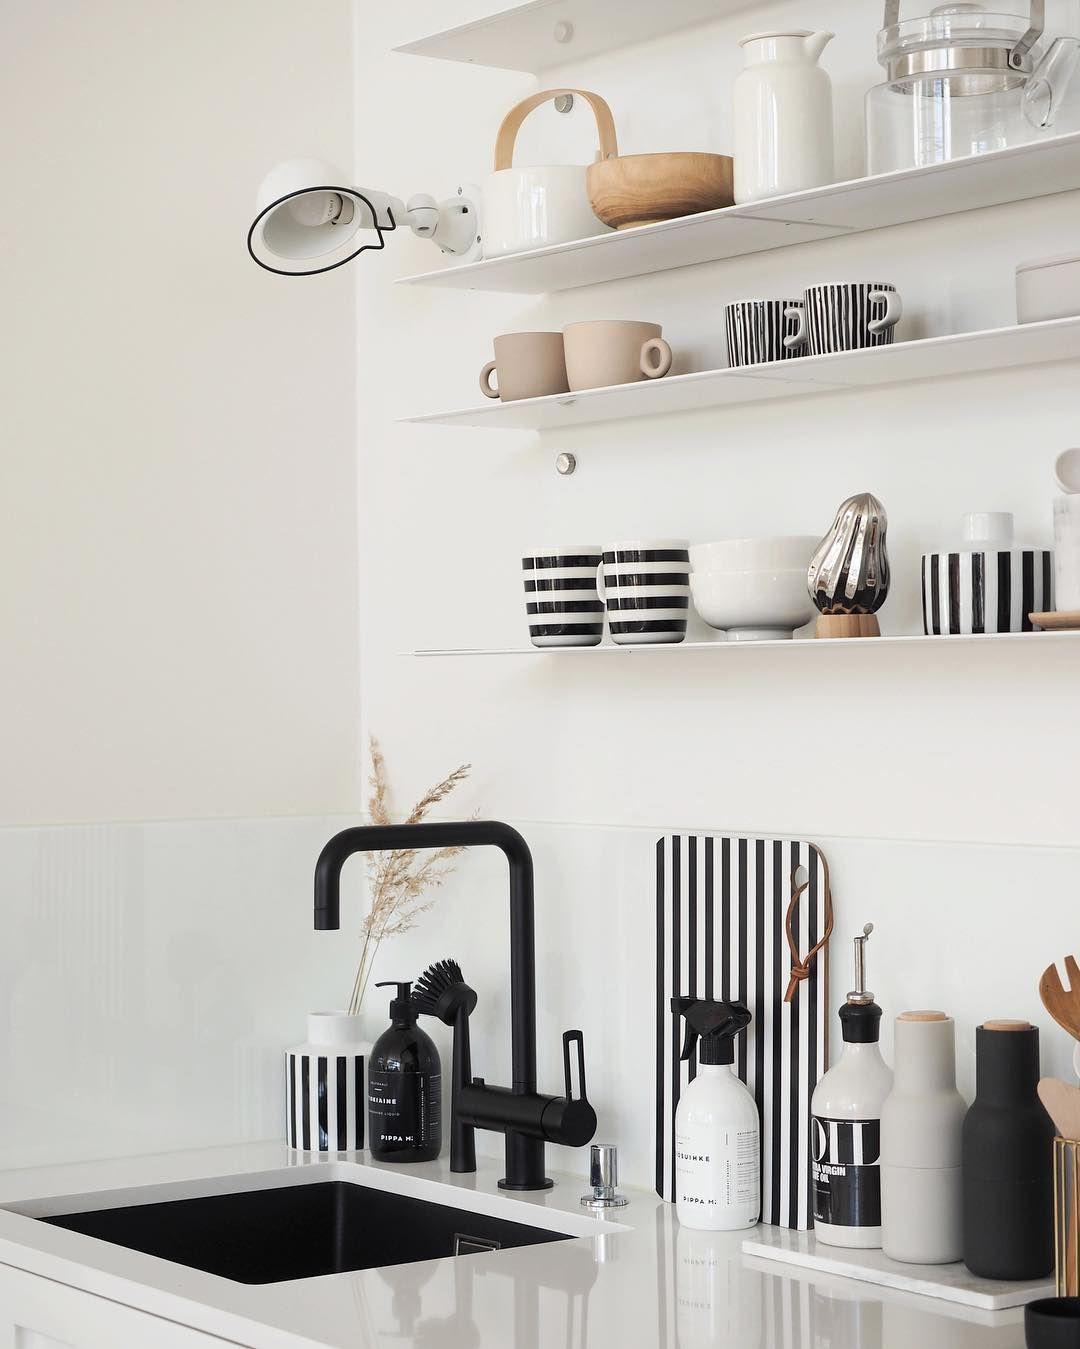 10x Keukendecoratie Ideeen Makeover Nl Open Planken Keuken Keukendecoratie Keuken Ontwerp